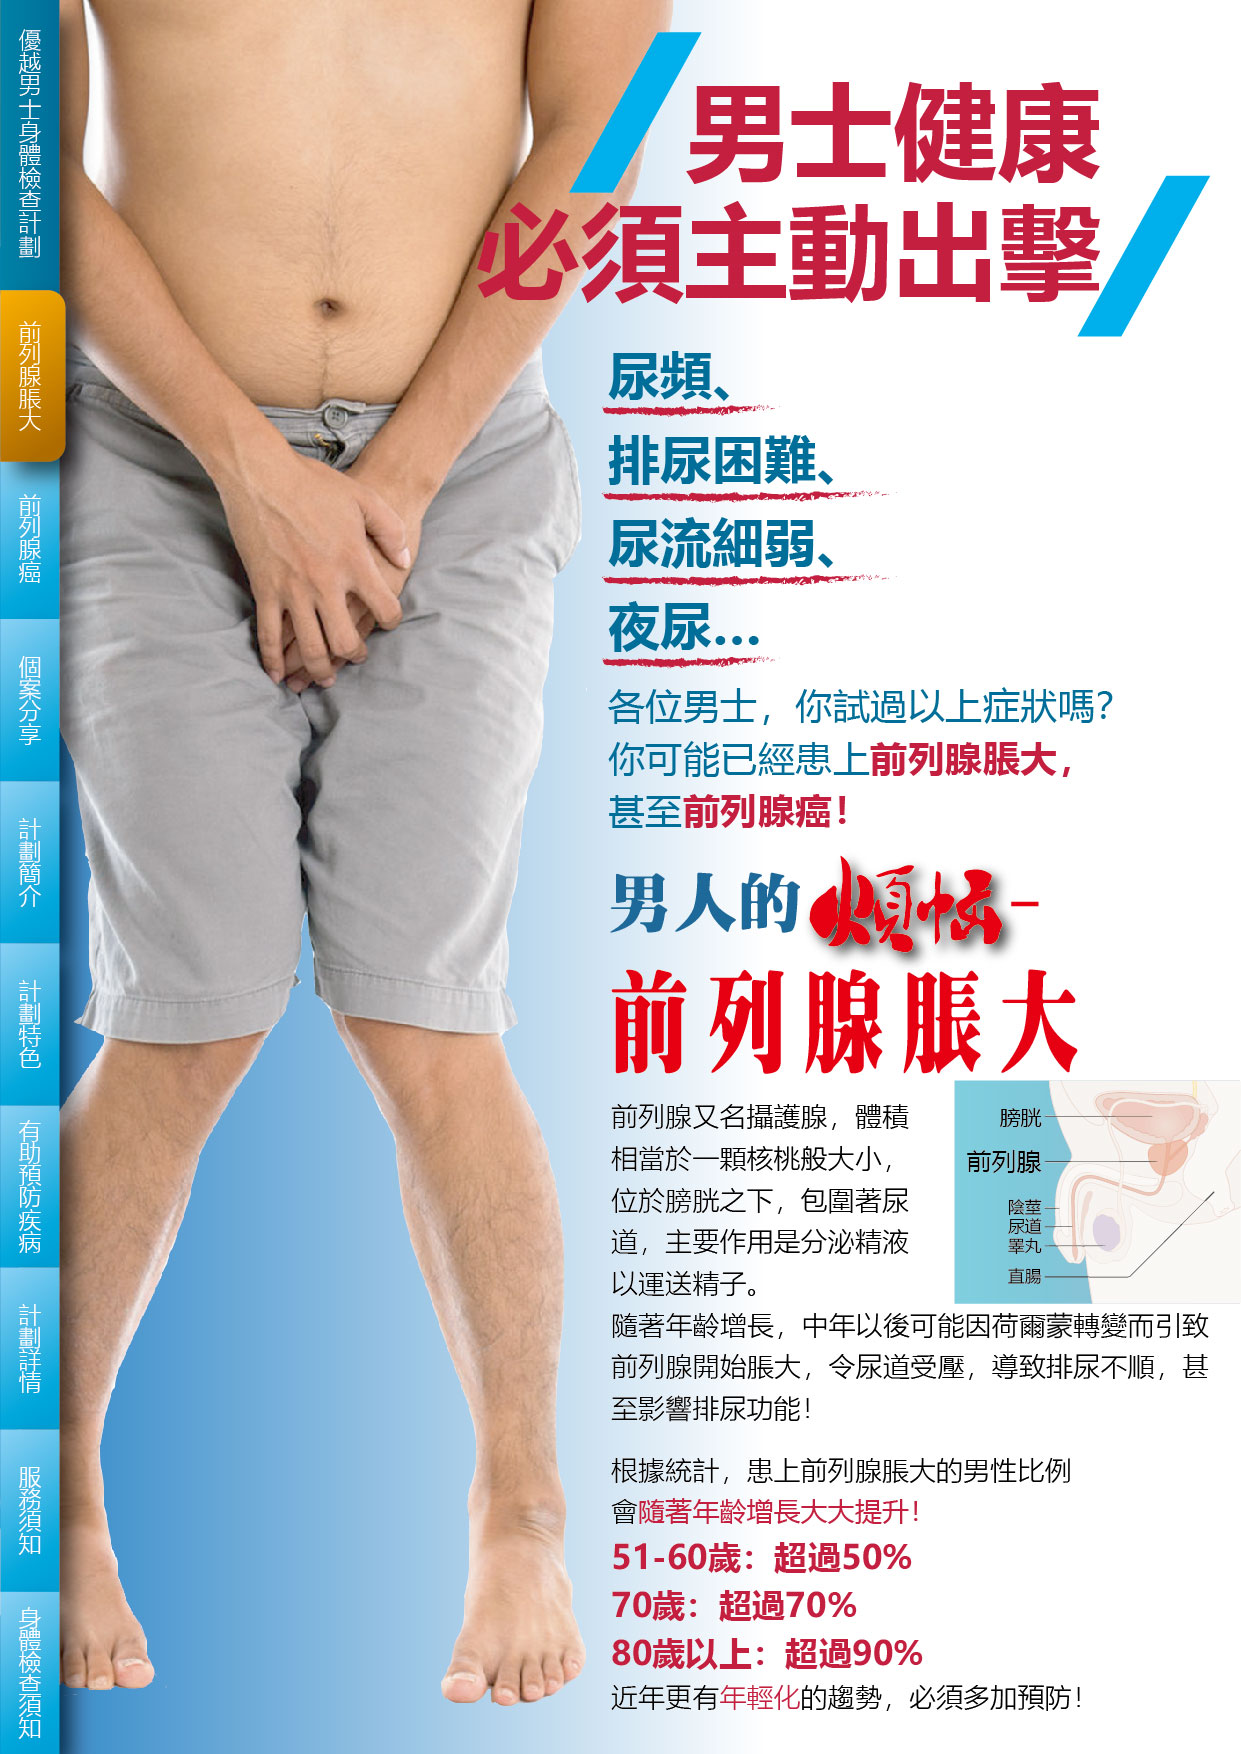 bcm61mm-male-body-check-2.jpg